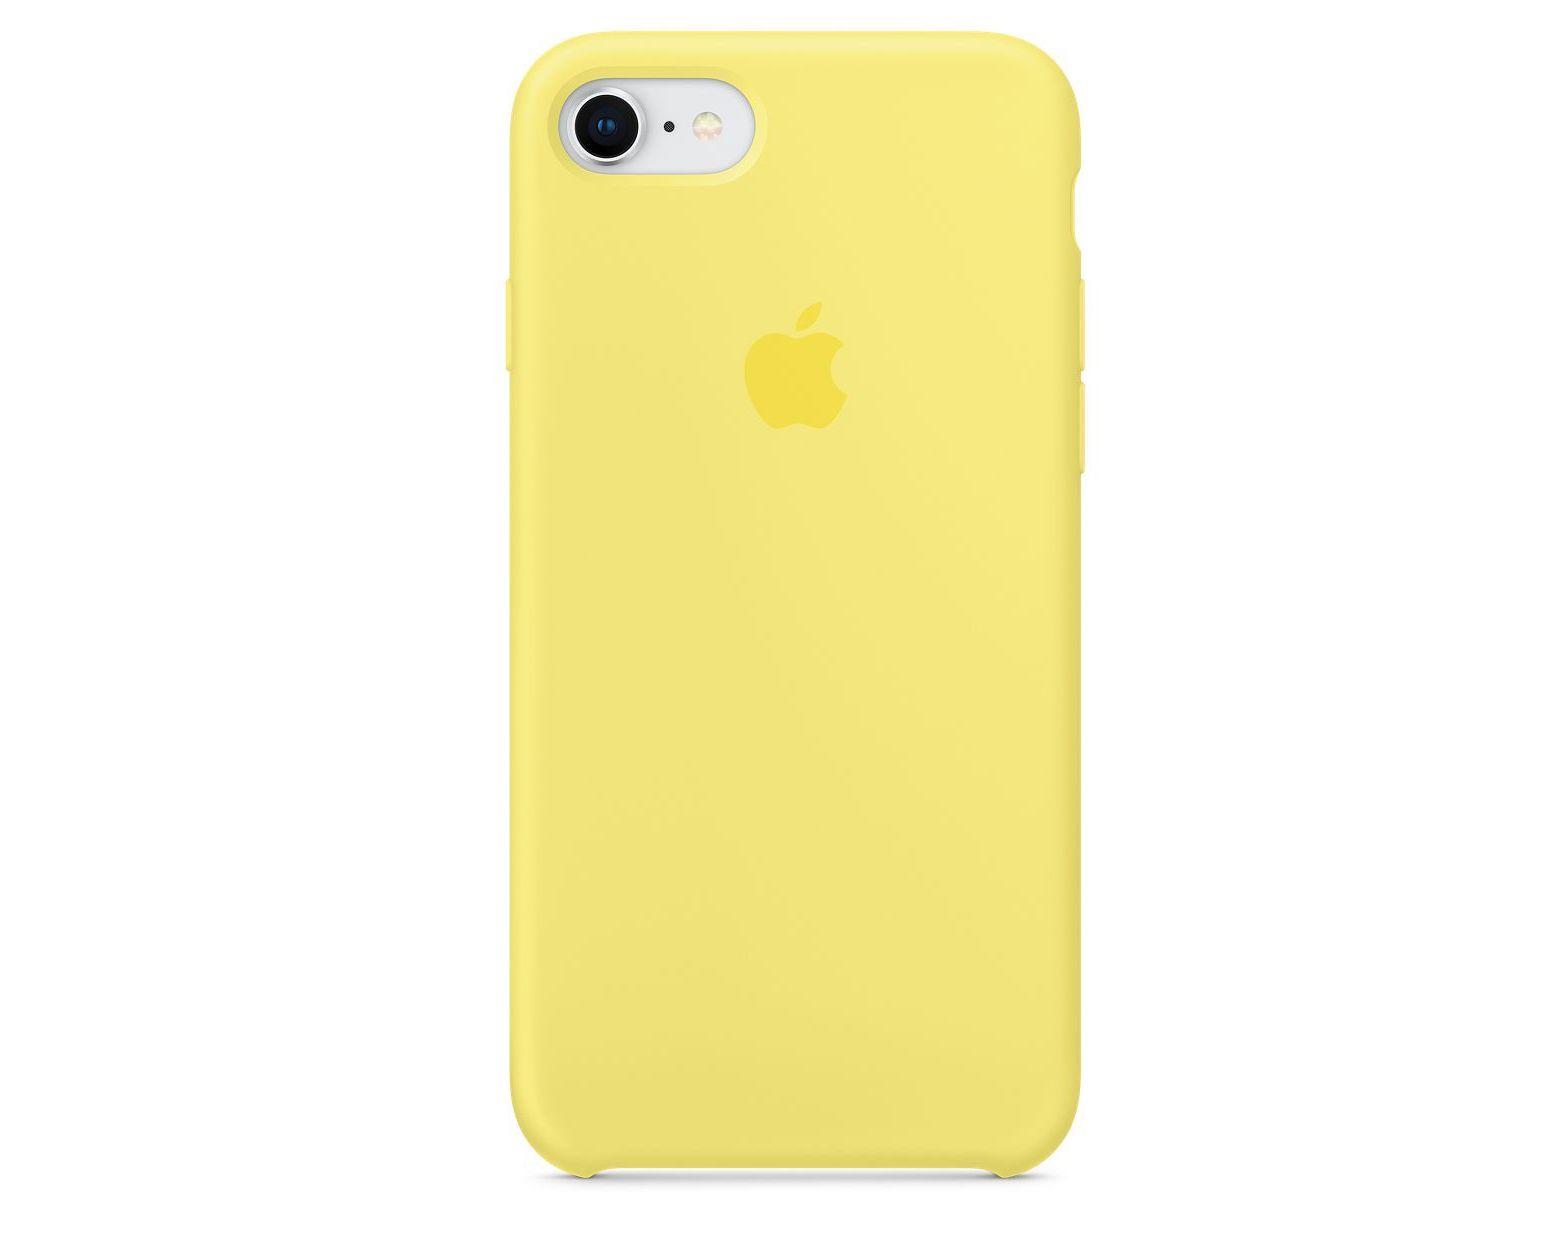 Apple silikónový obal pre iPhone SE 2020 - žltý 1